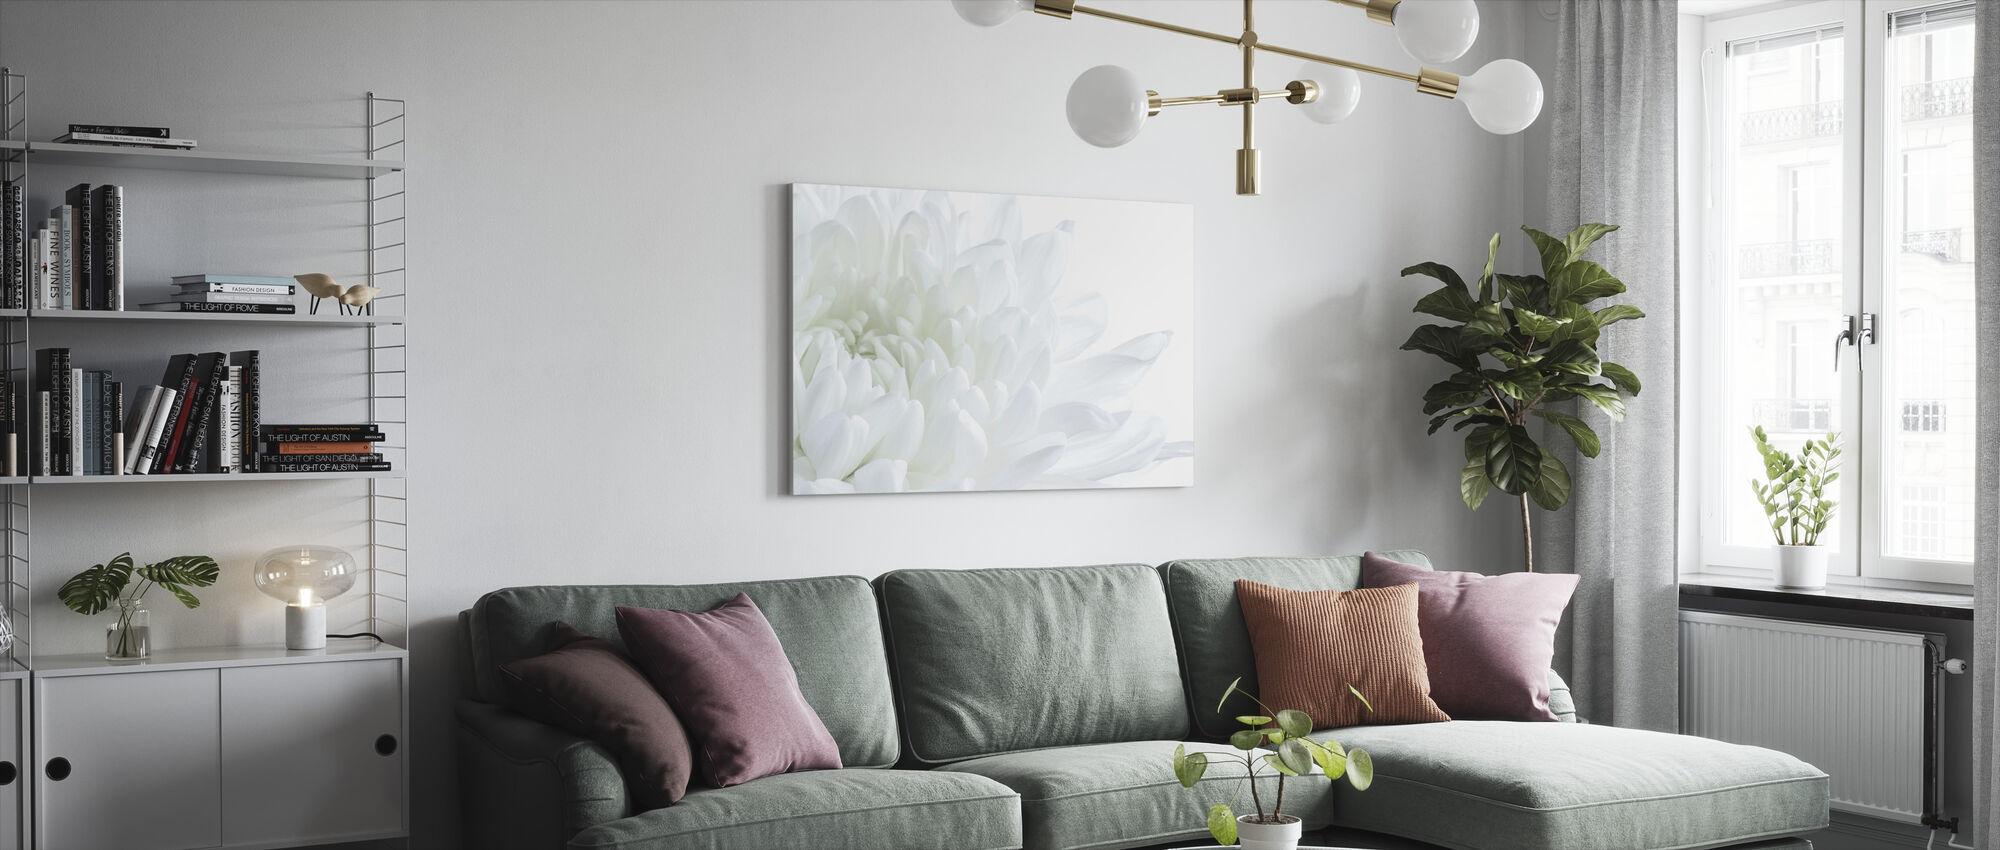 Valkoinen Kukka Kukka Kukka - Canvastaulu - Olohuone